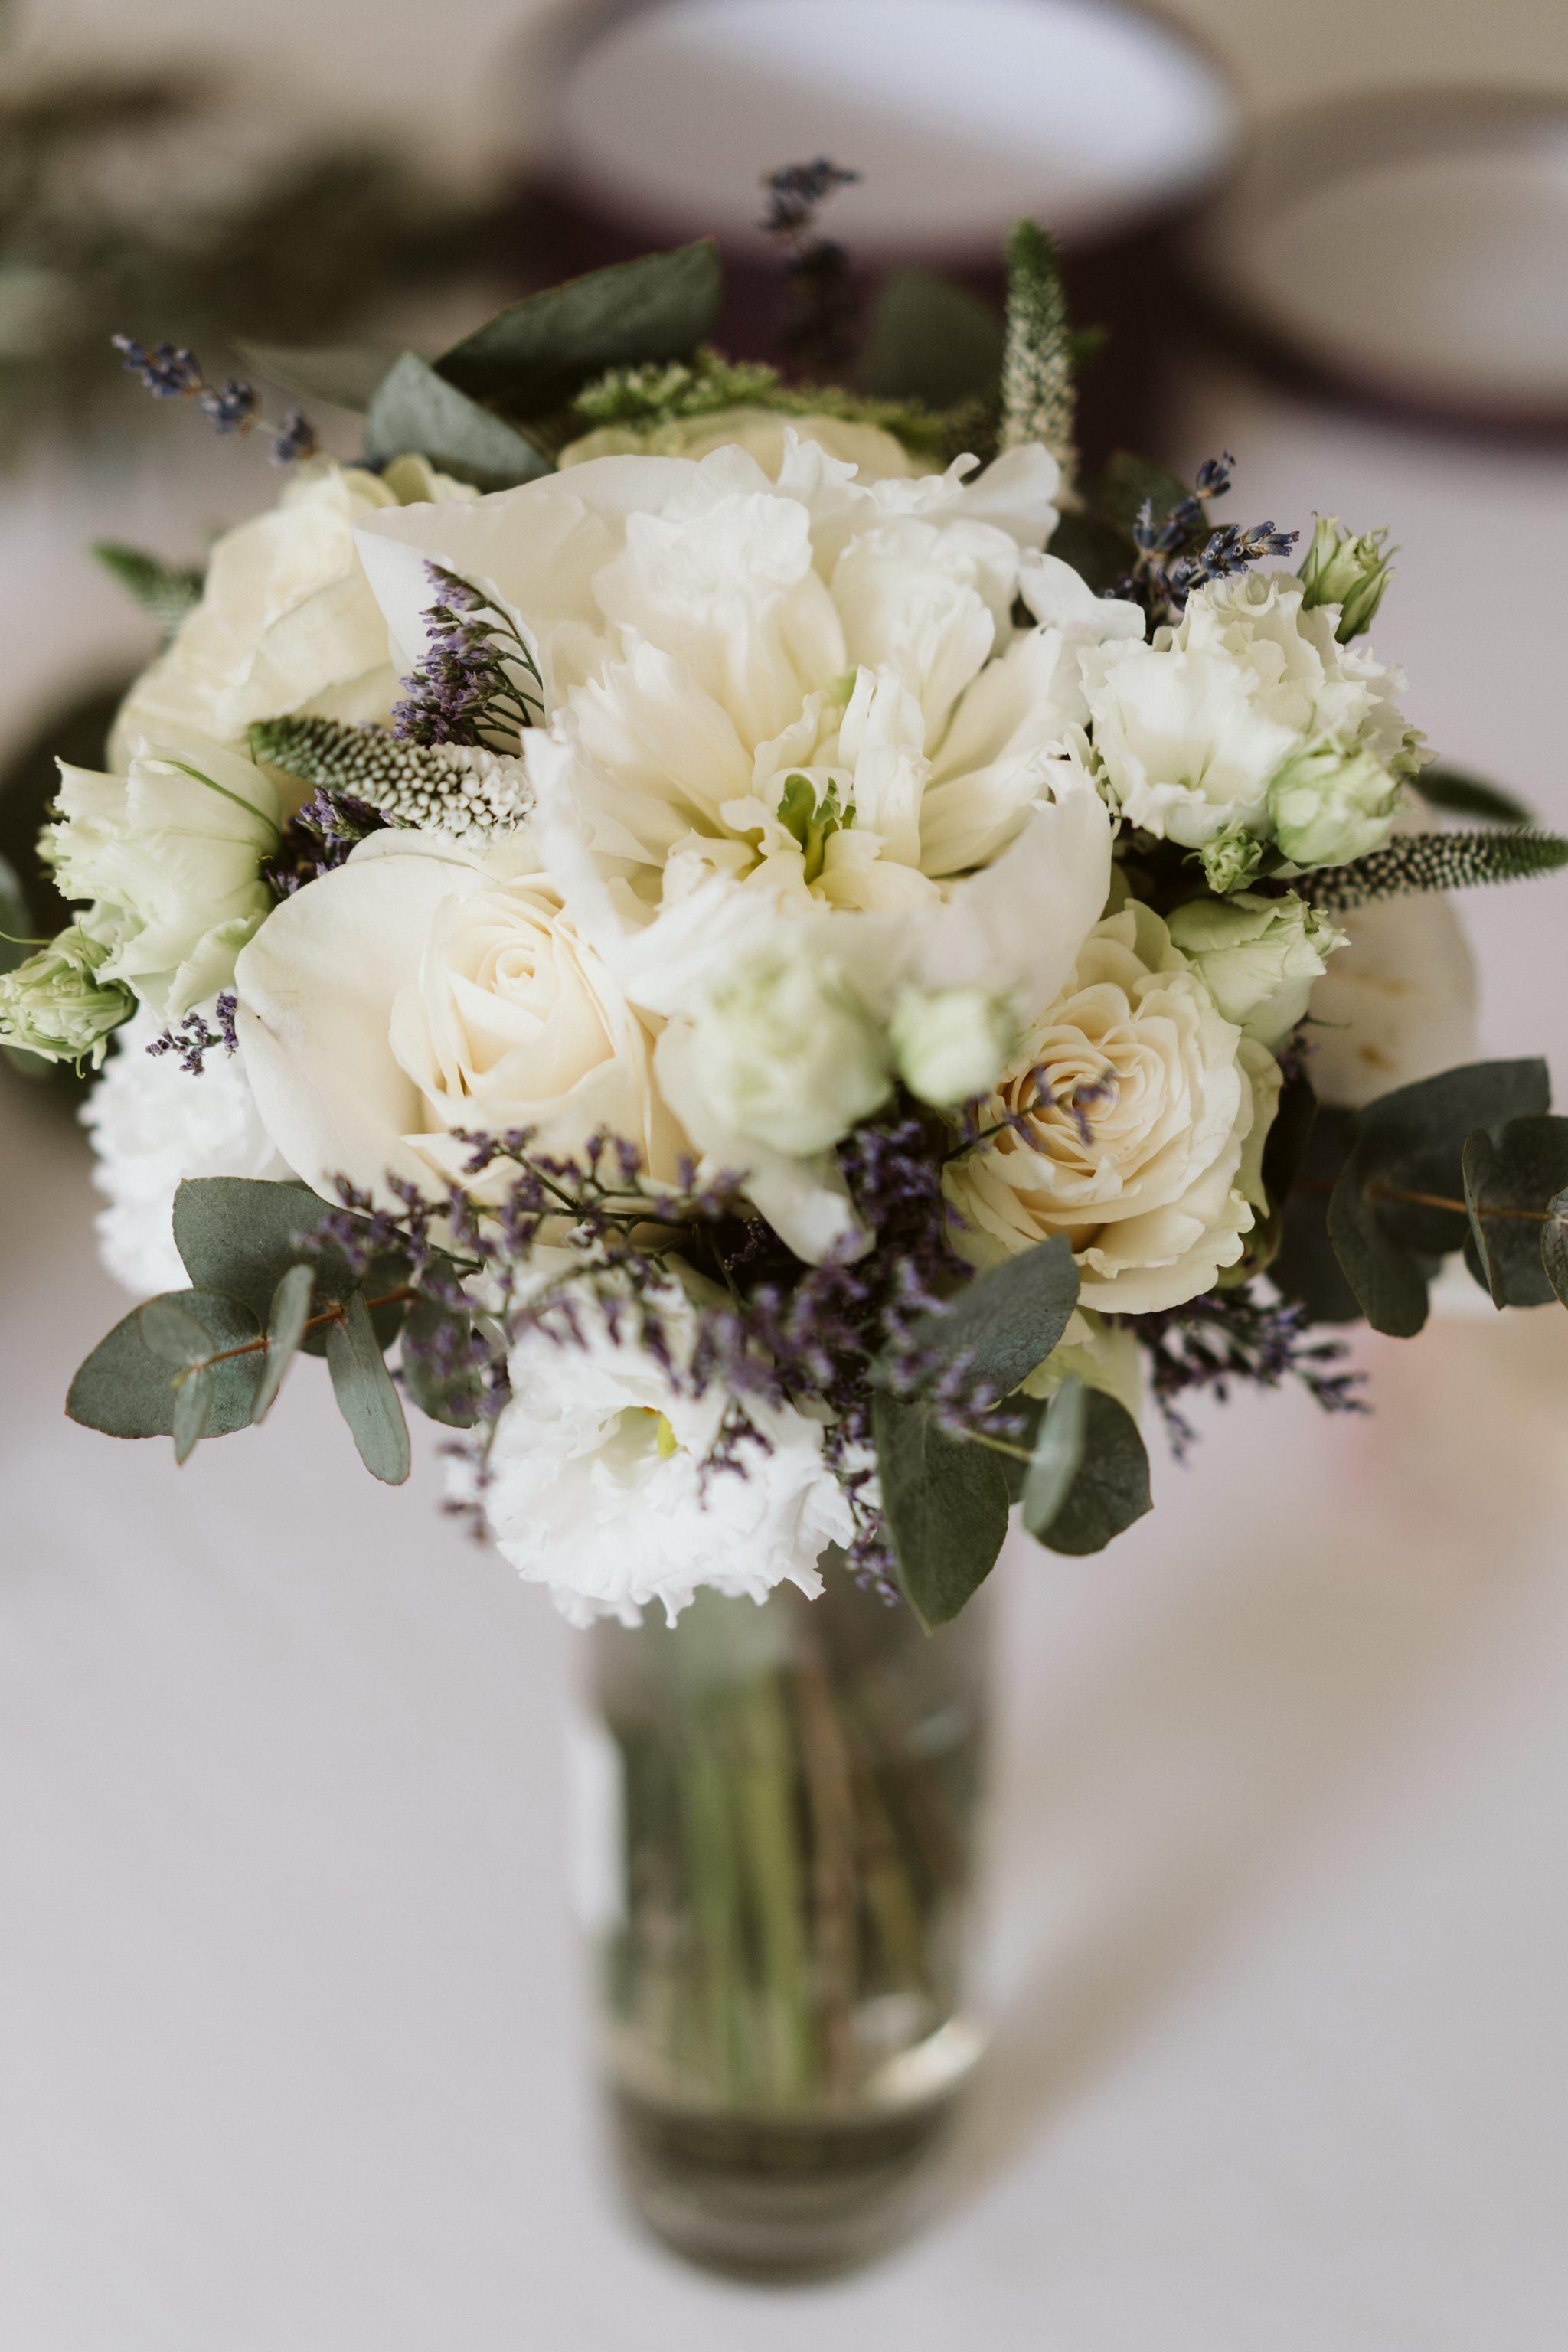 Cigales et Petits Fous - Organiser un mariage